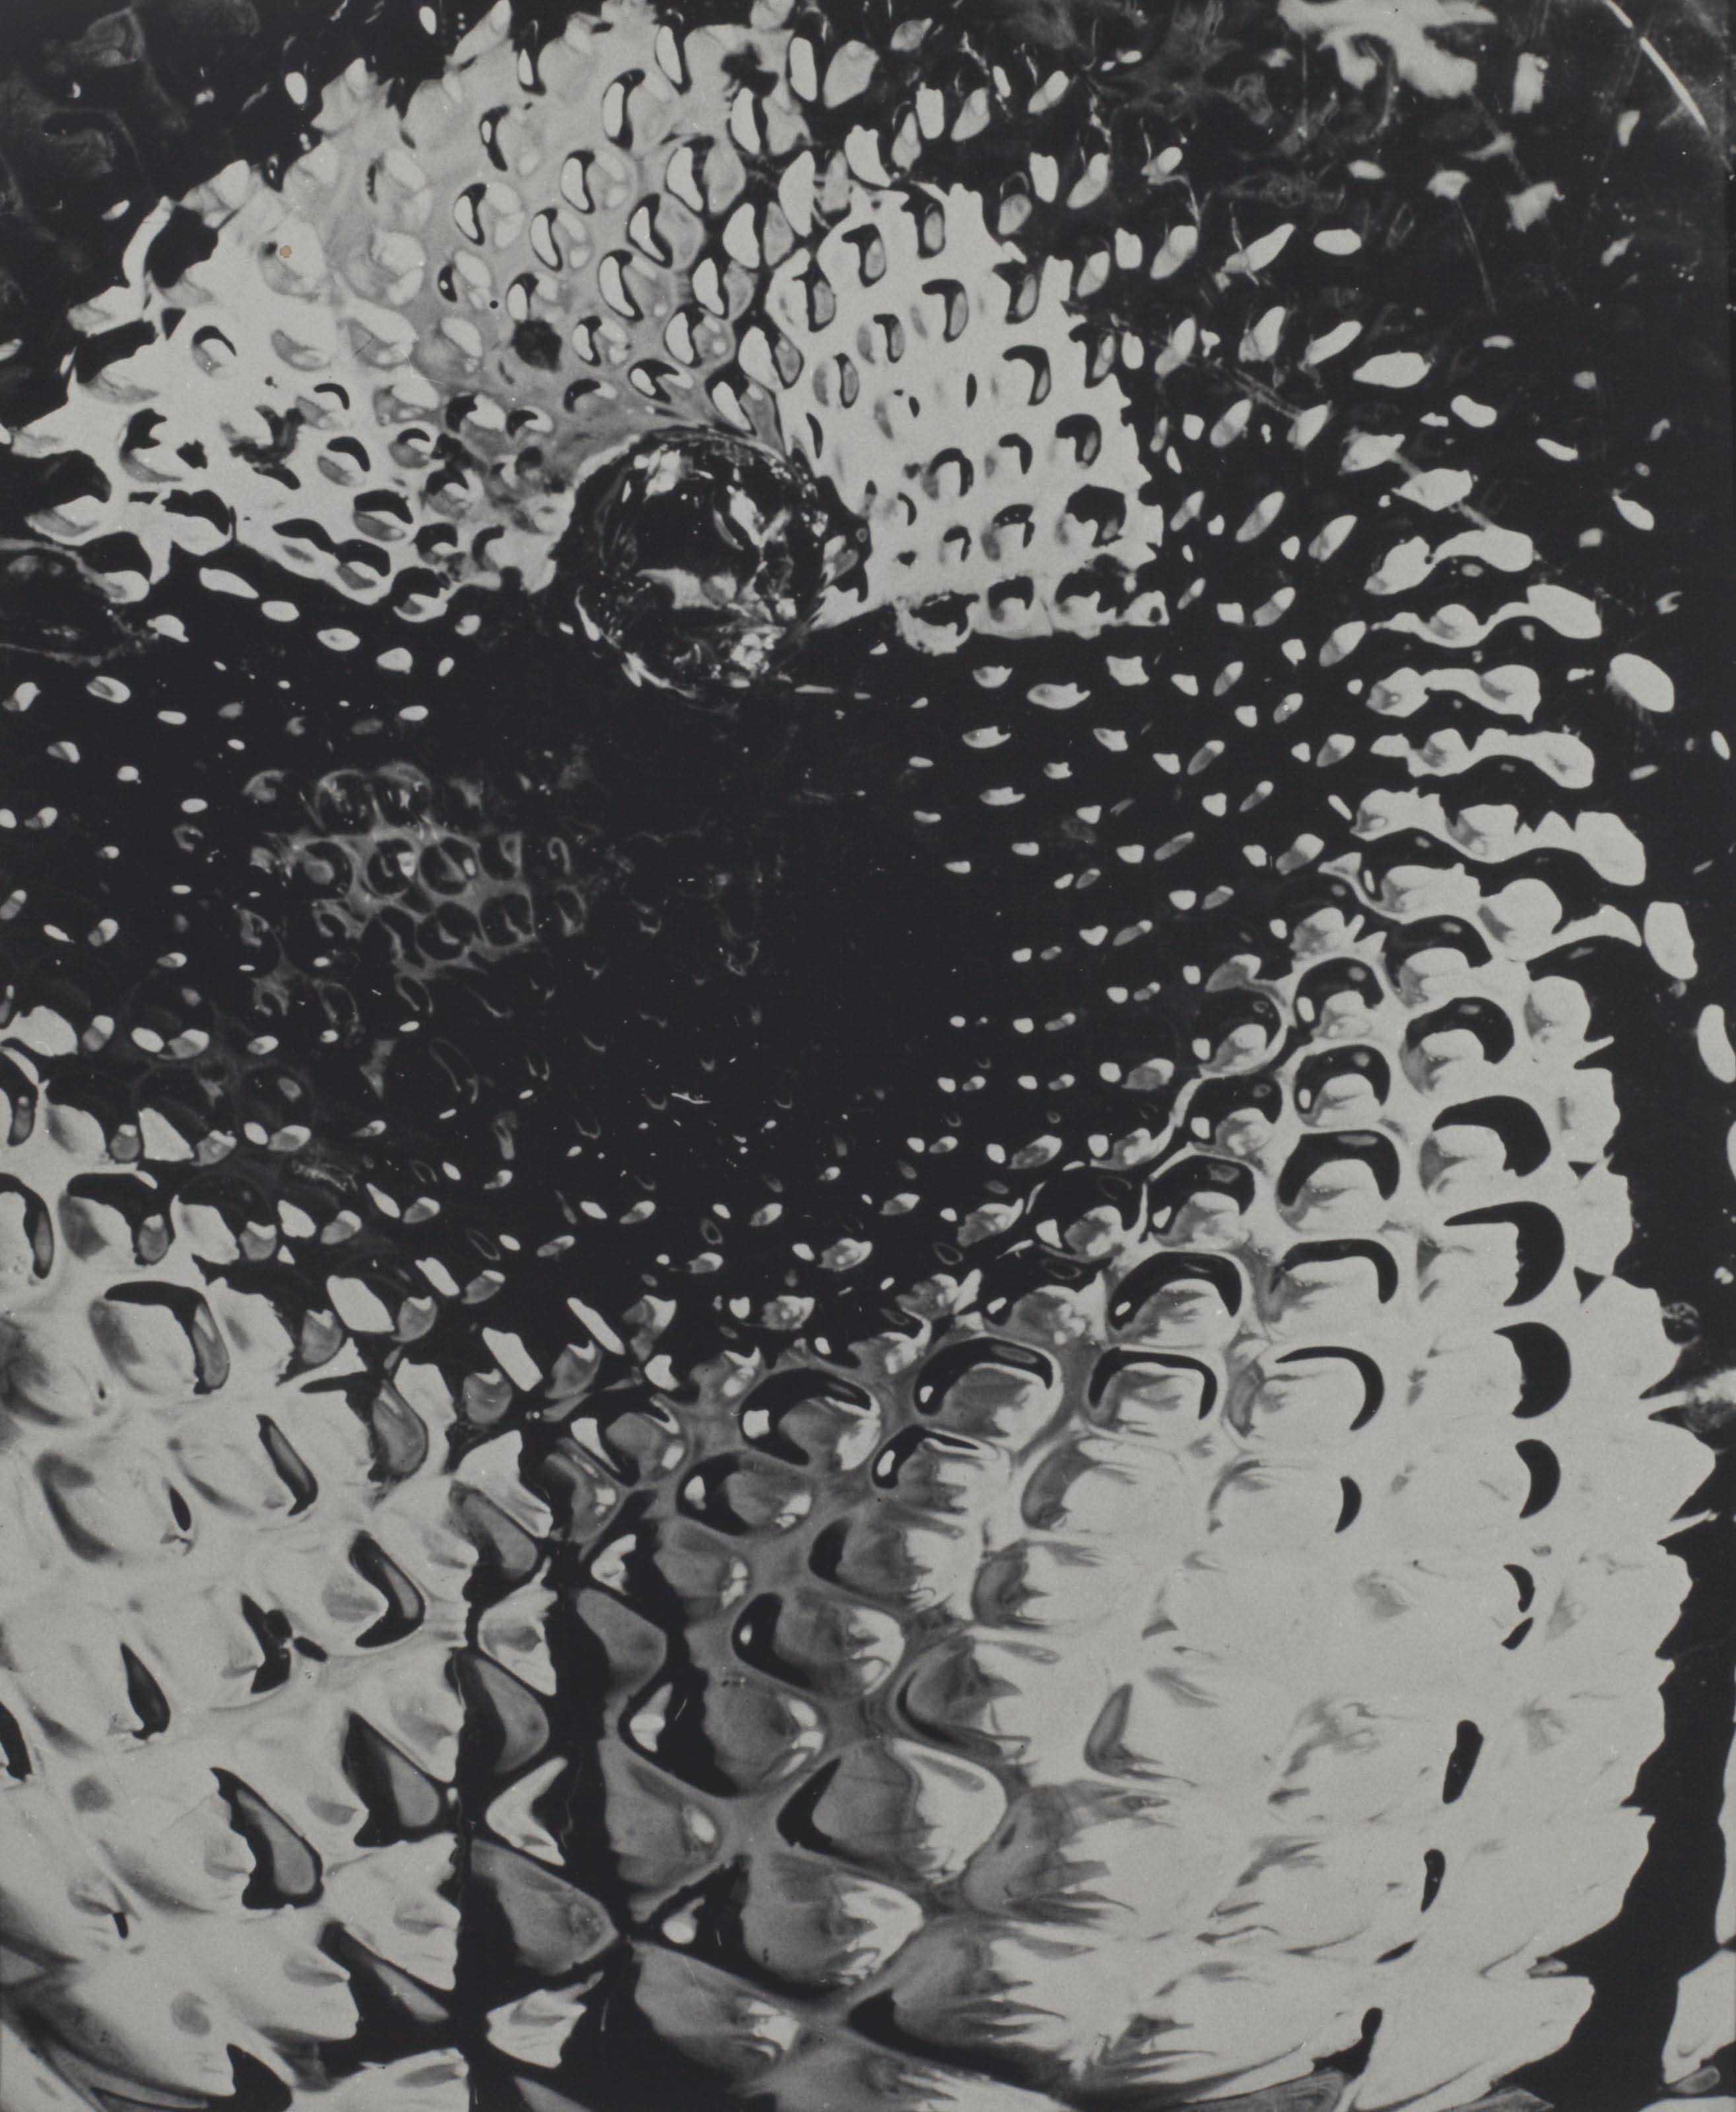 La boule aux milles gouttes, vers 1938